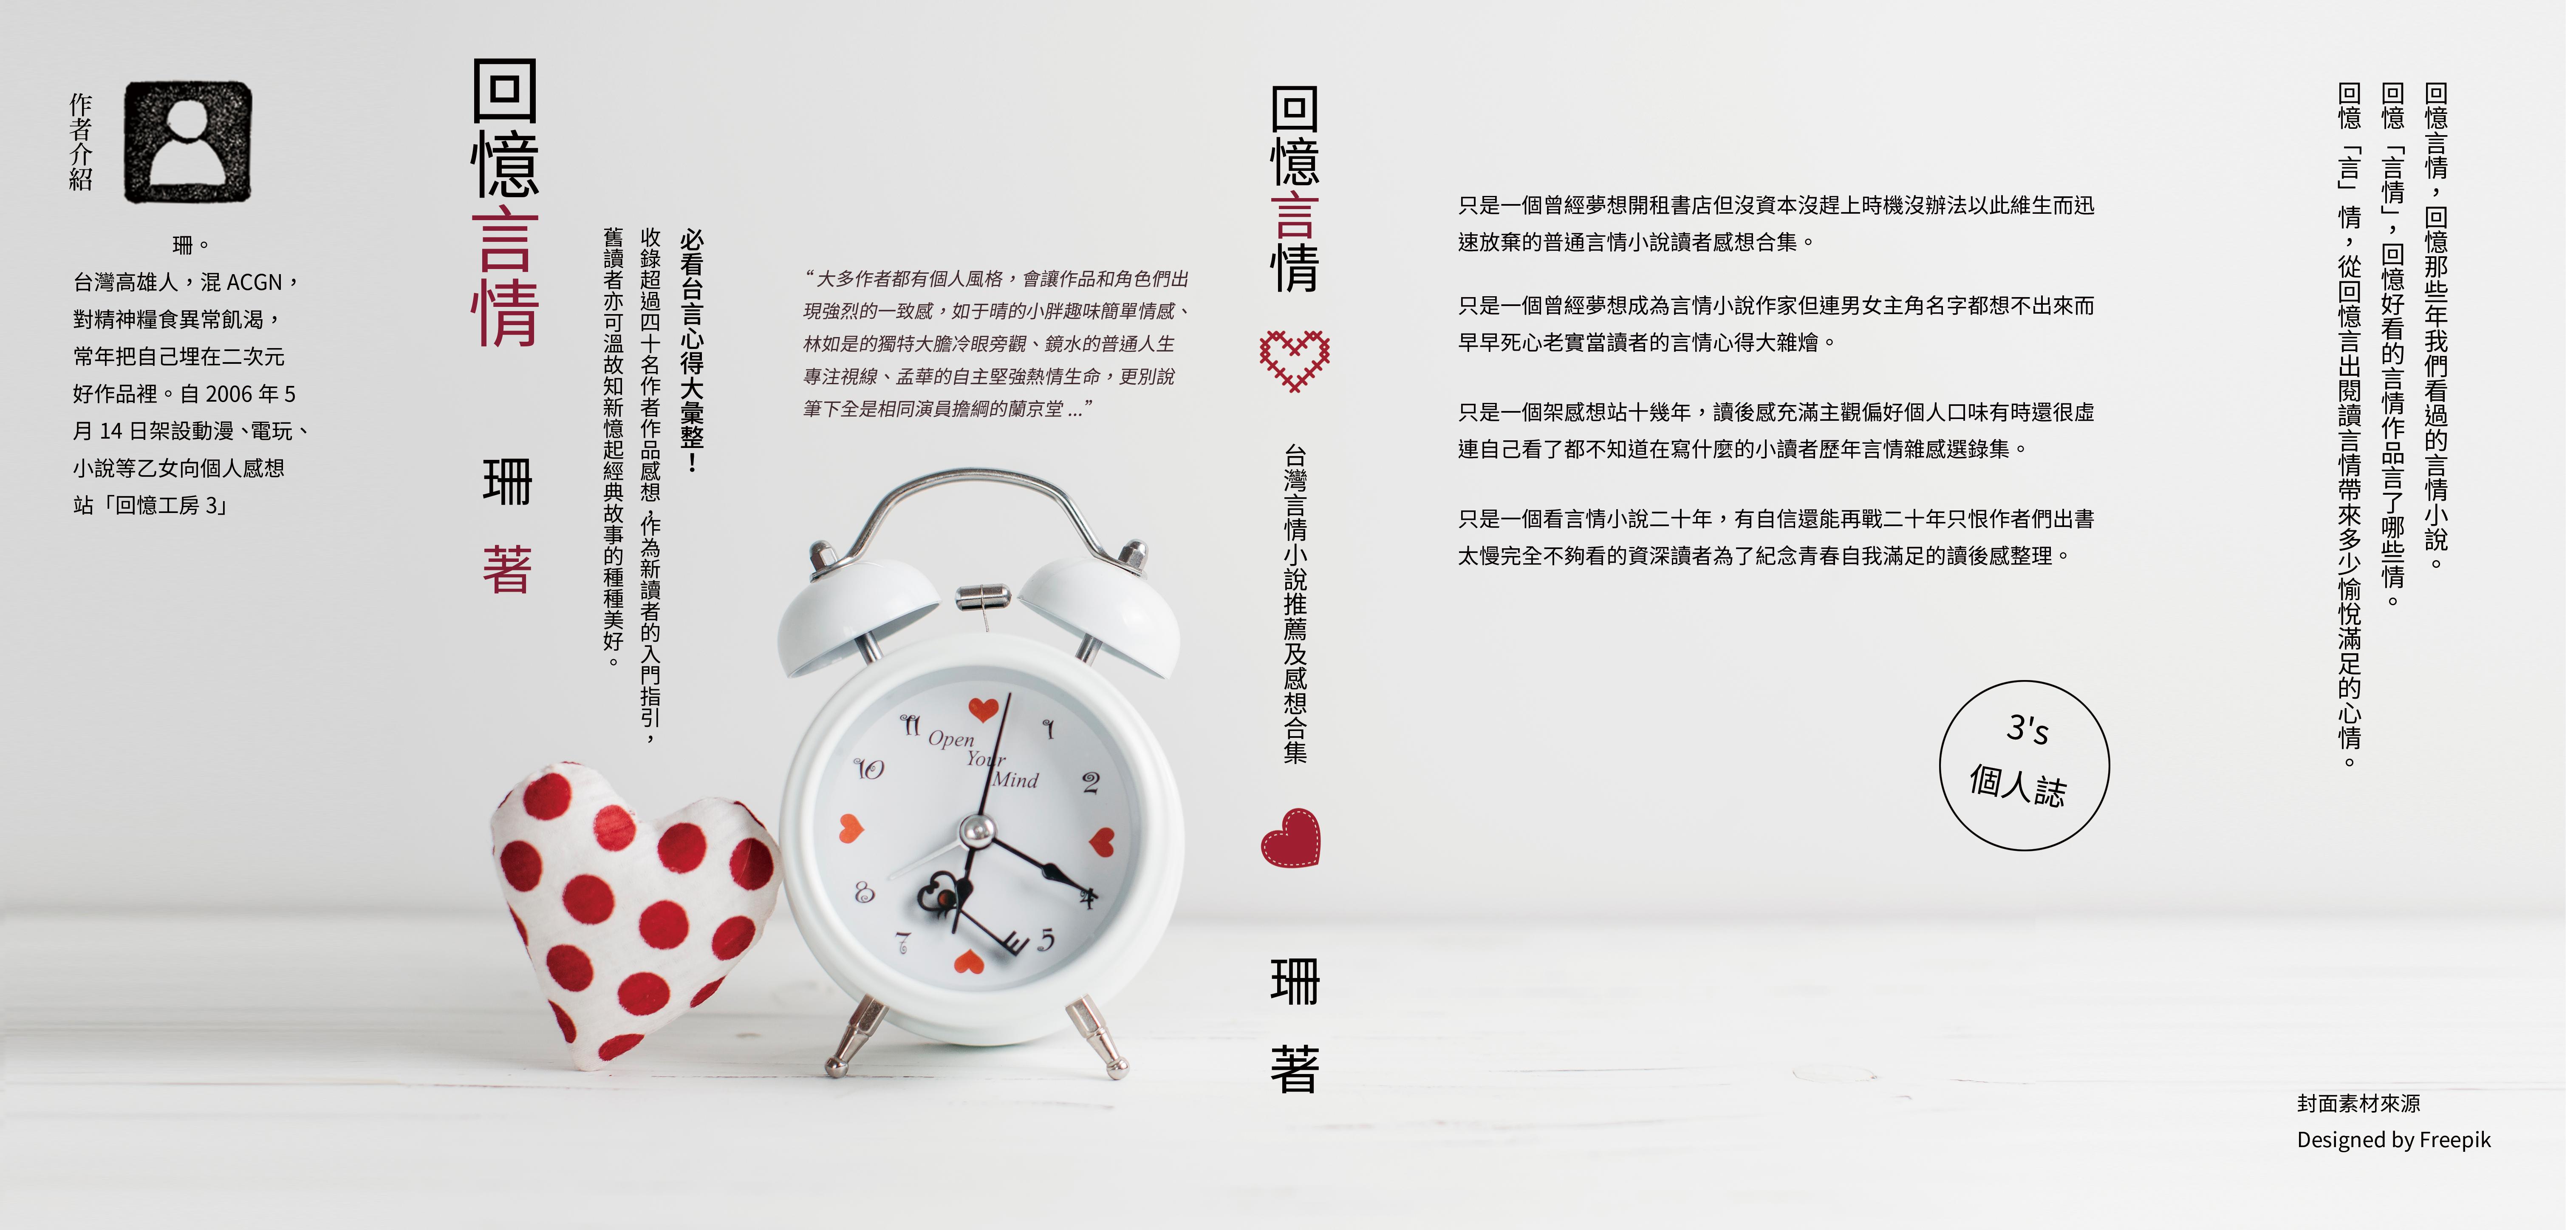 說明:回憶和言情,能找到較切題的照片也就是時鐘和愛心了。